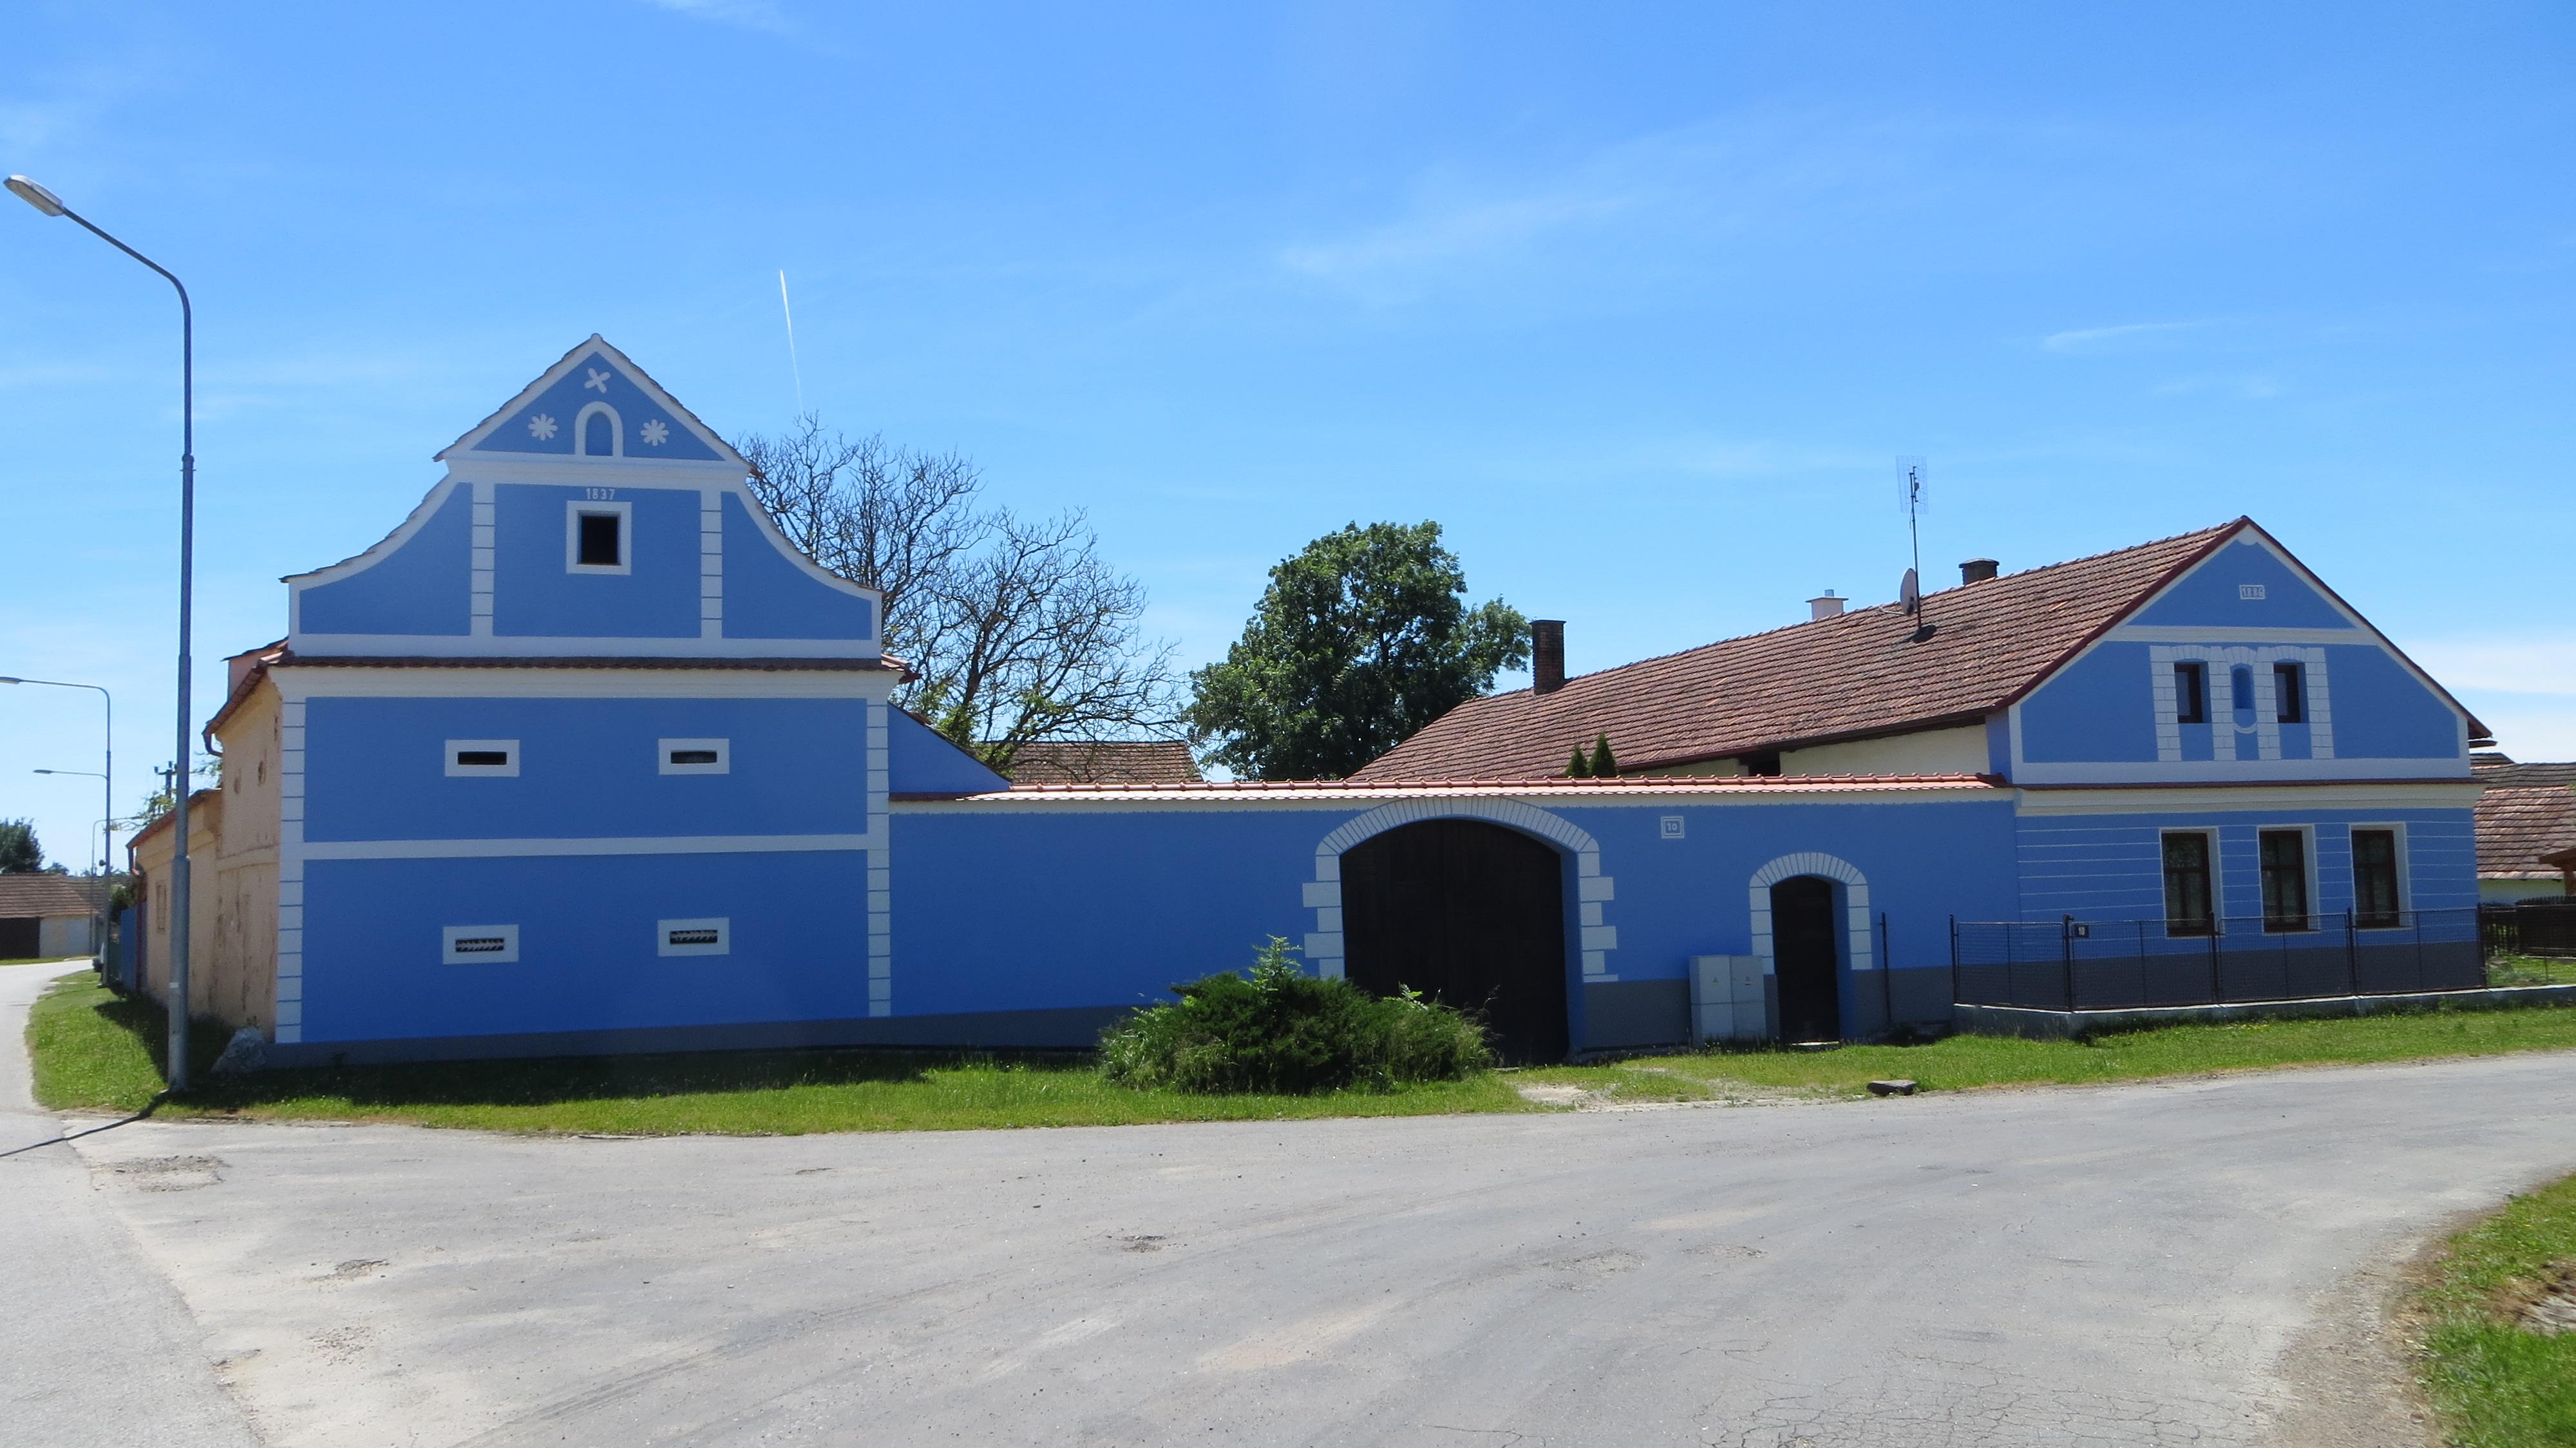 Zálší - Folk Baroque houses